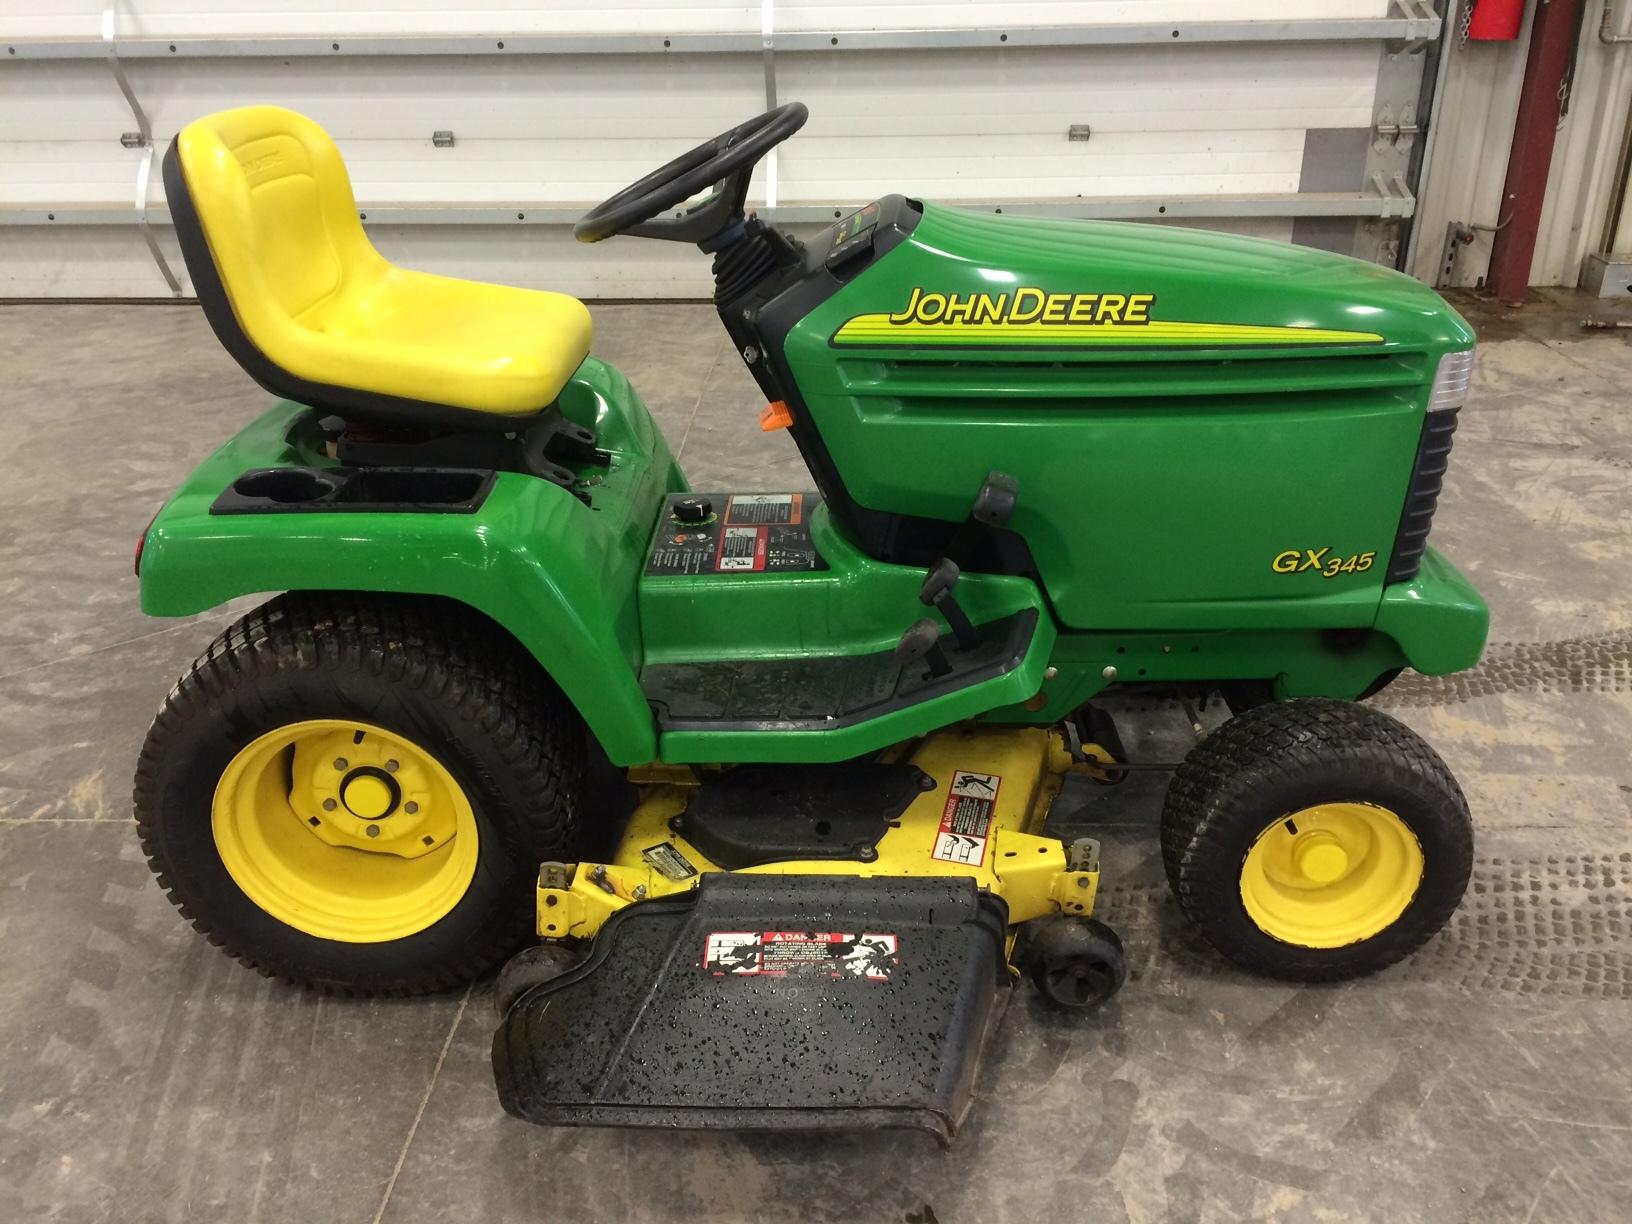 John Deere Gx345 Lawn Garden Tractors For Sale 58564